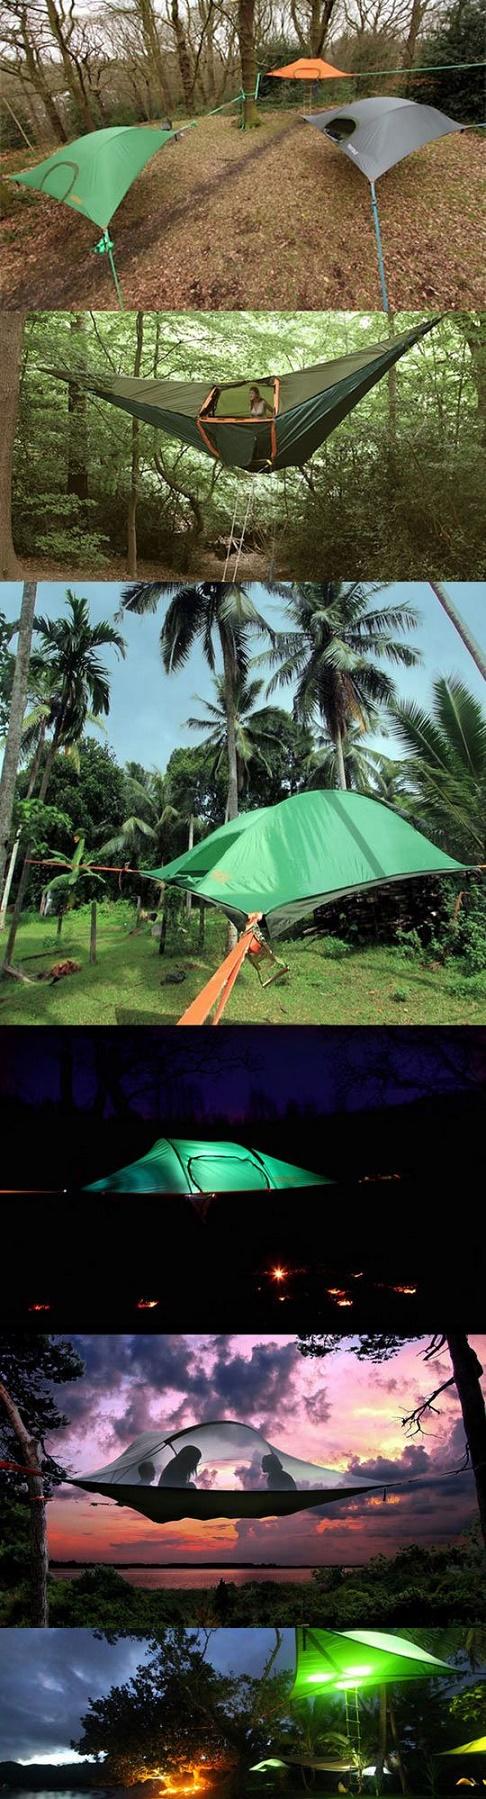 camping-stuff4